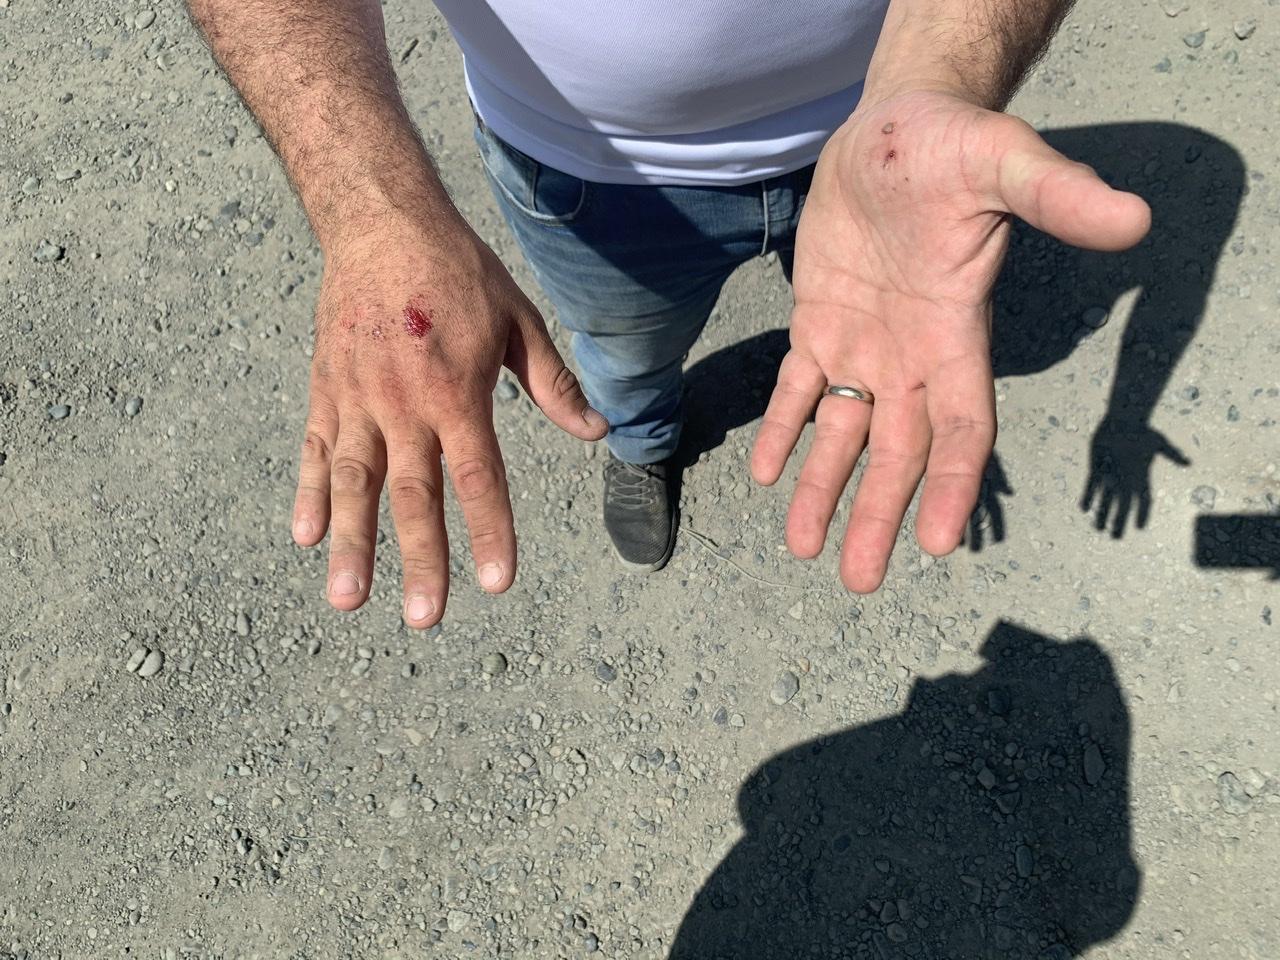 Empresario agrícola sufre violento robo en Los Ángeles